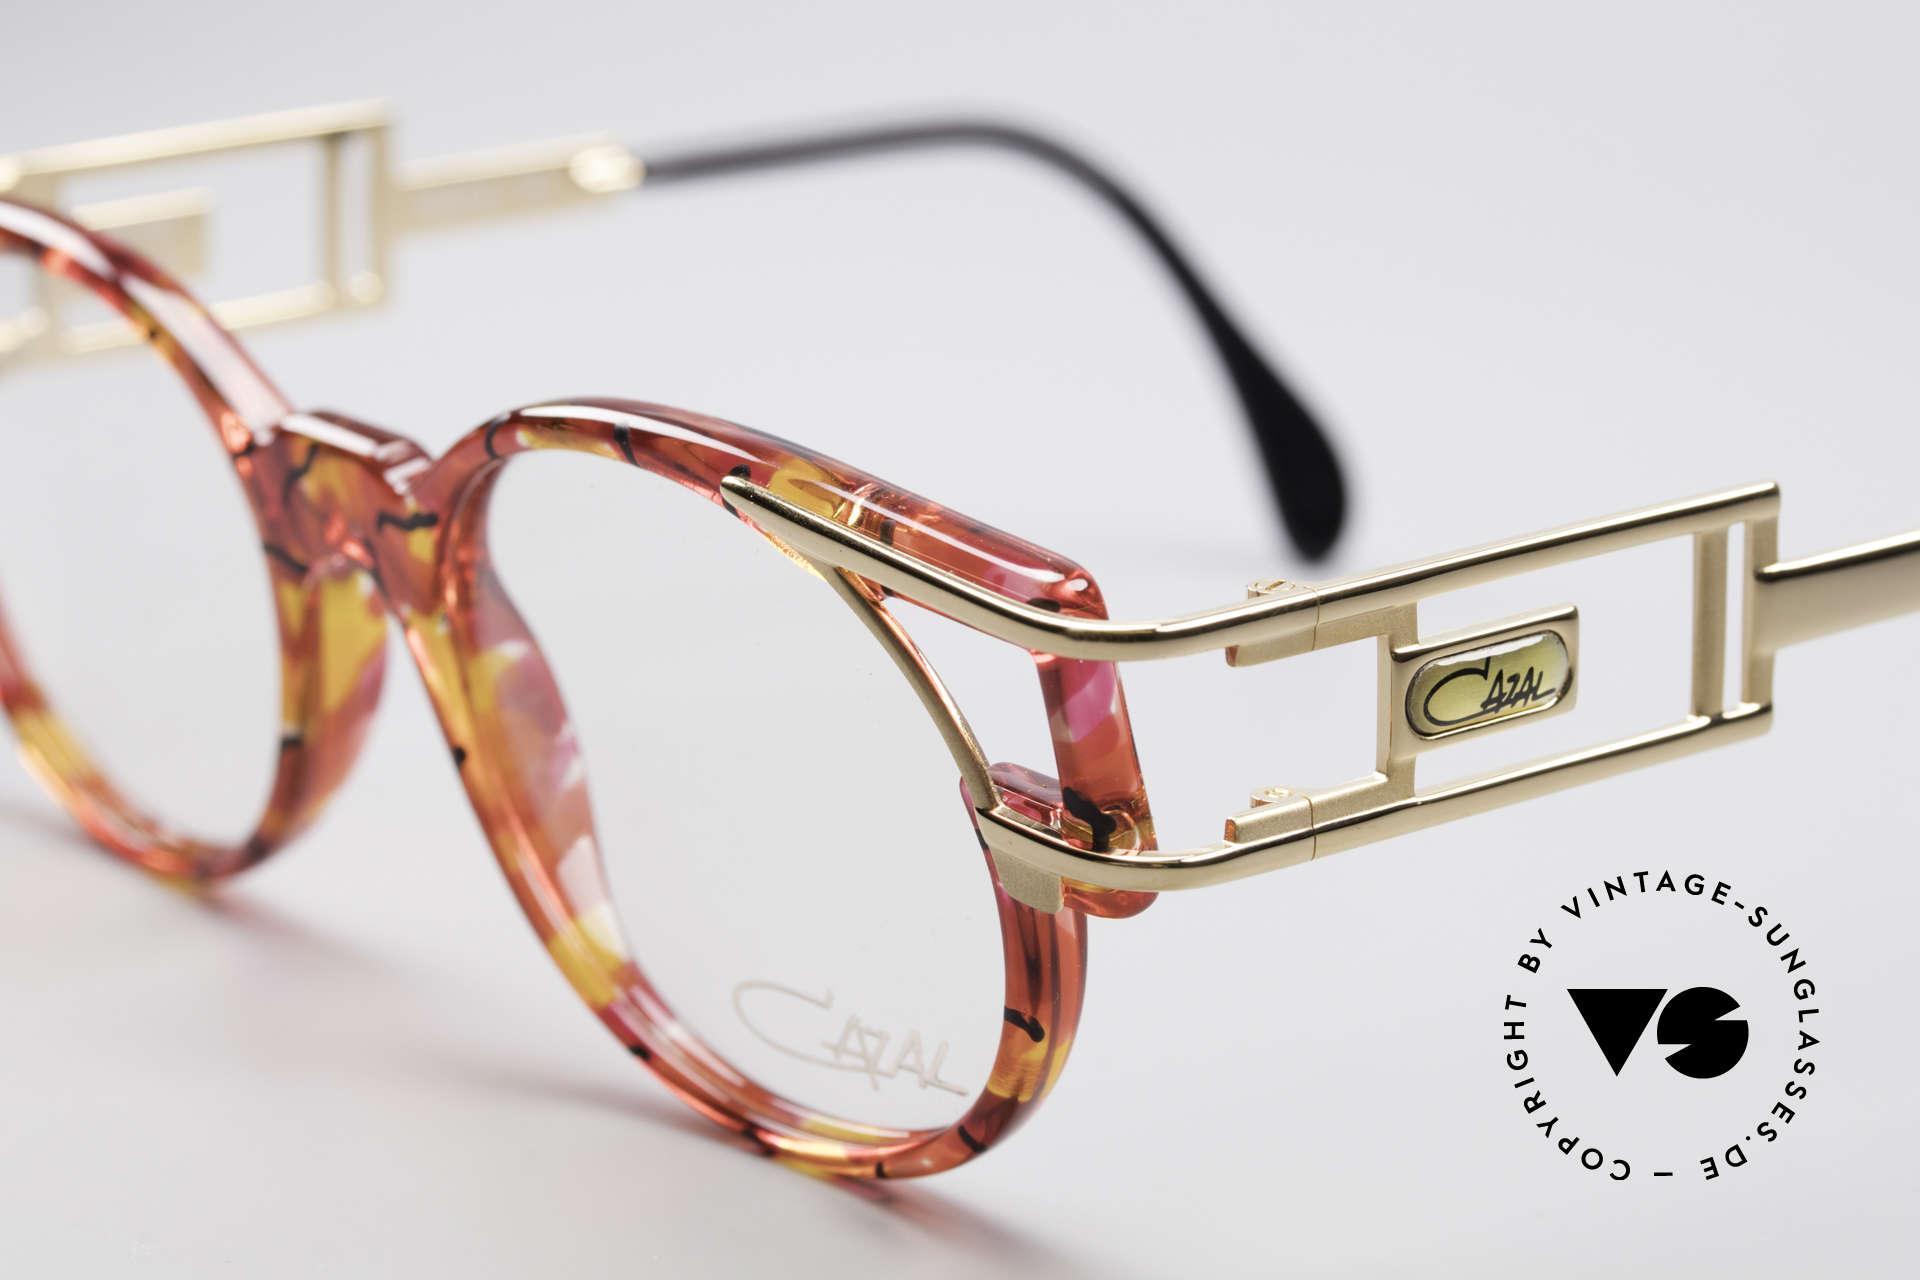 Cazal 353 Old School Hip Hop Fassung, heutzutage gerne mal als 'Old-School-Brille' bezeichnet, Passend für Herren und Damen